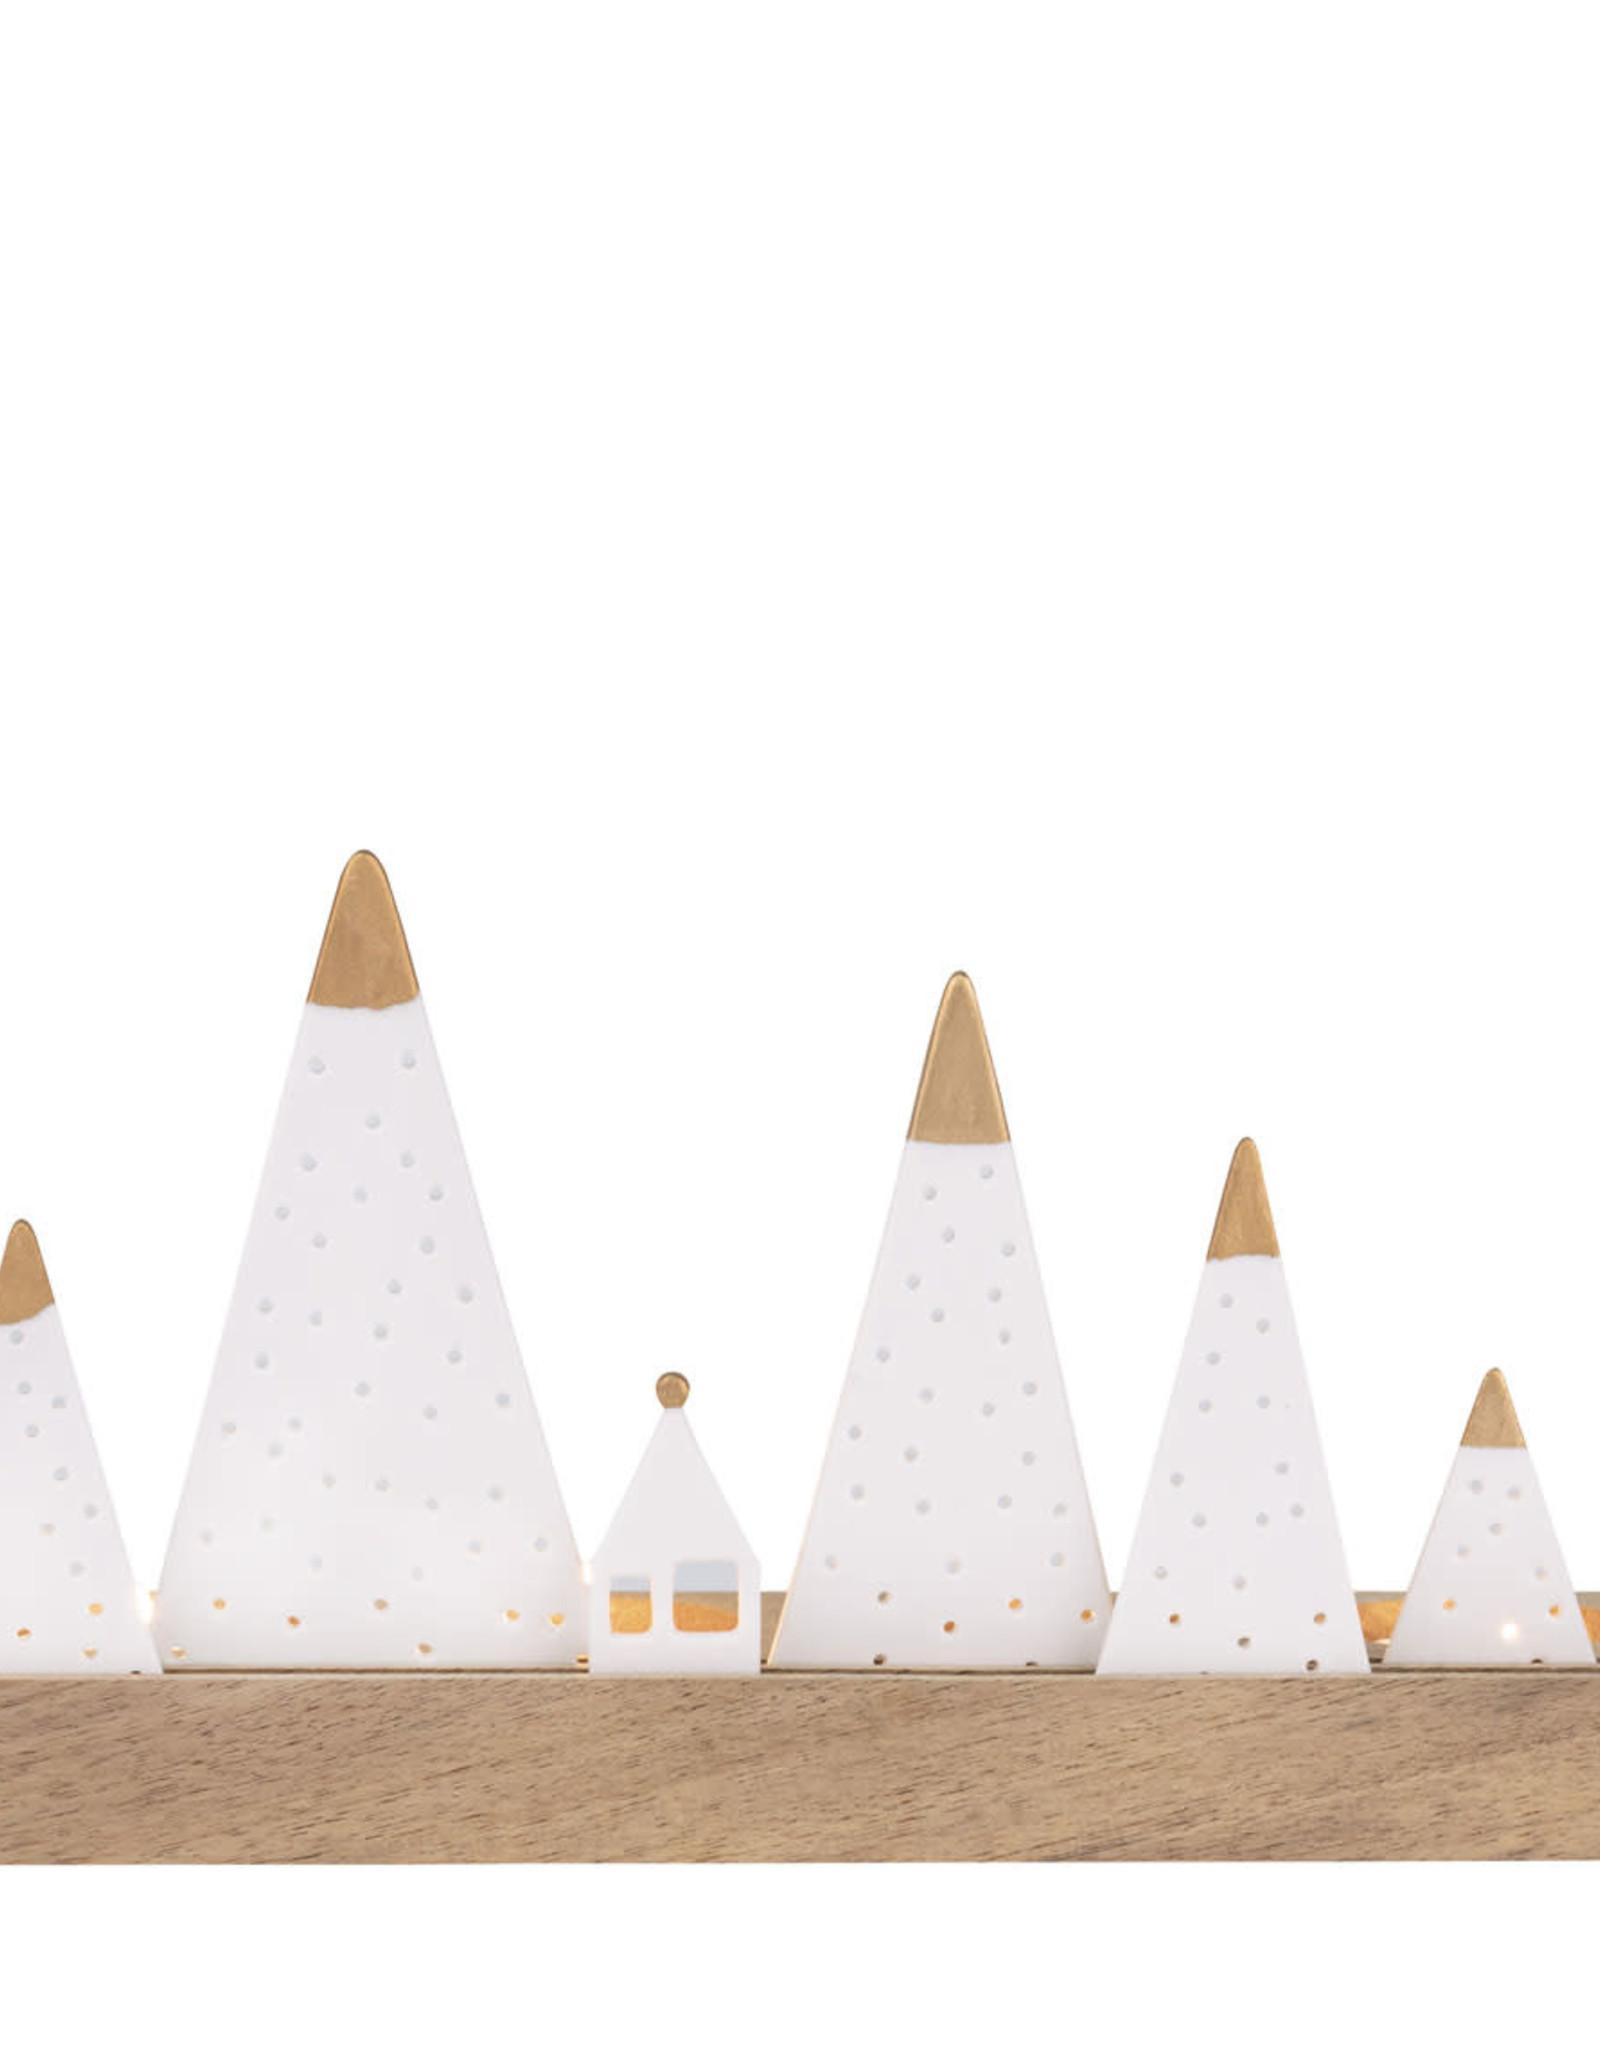 Räder Rader - Light object hills